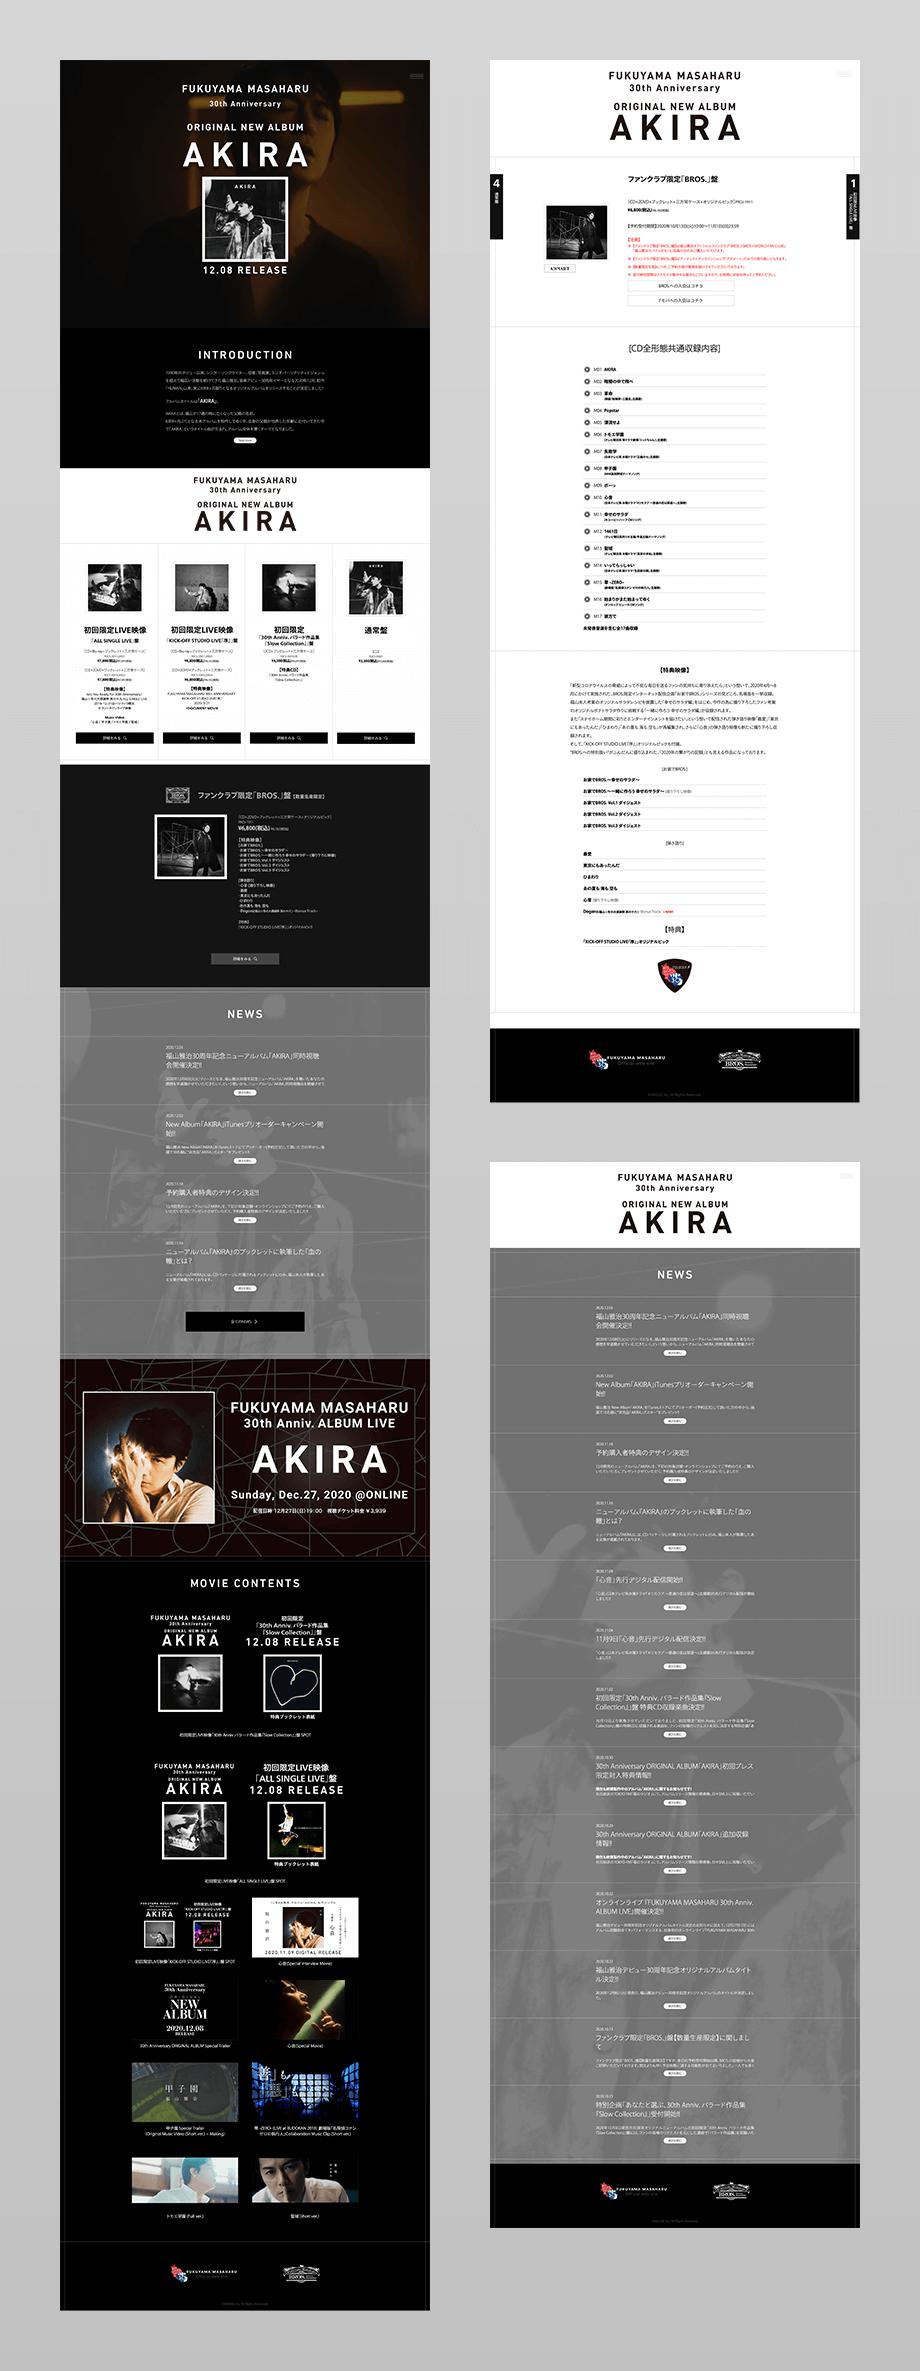 福山雅治 30周年オリジナルアルバム「AKIRA」特設サイト PCレイアウト